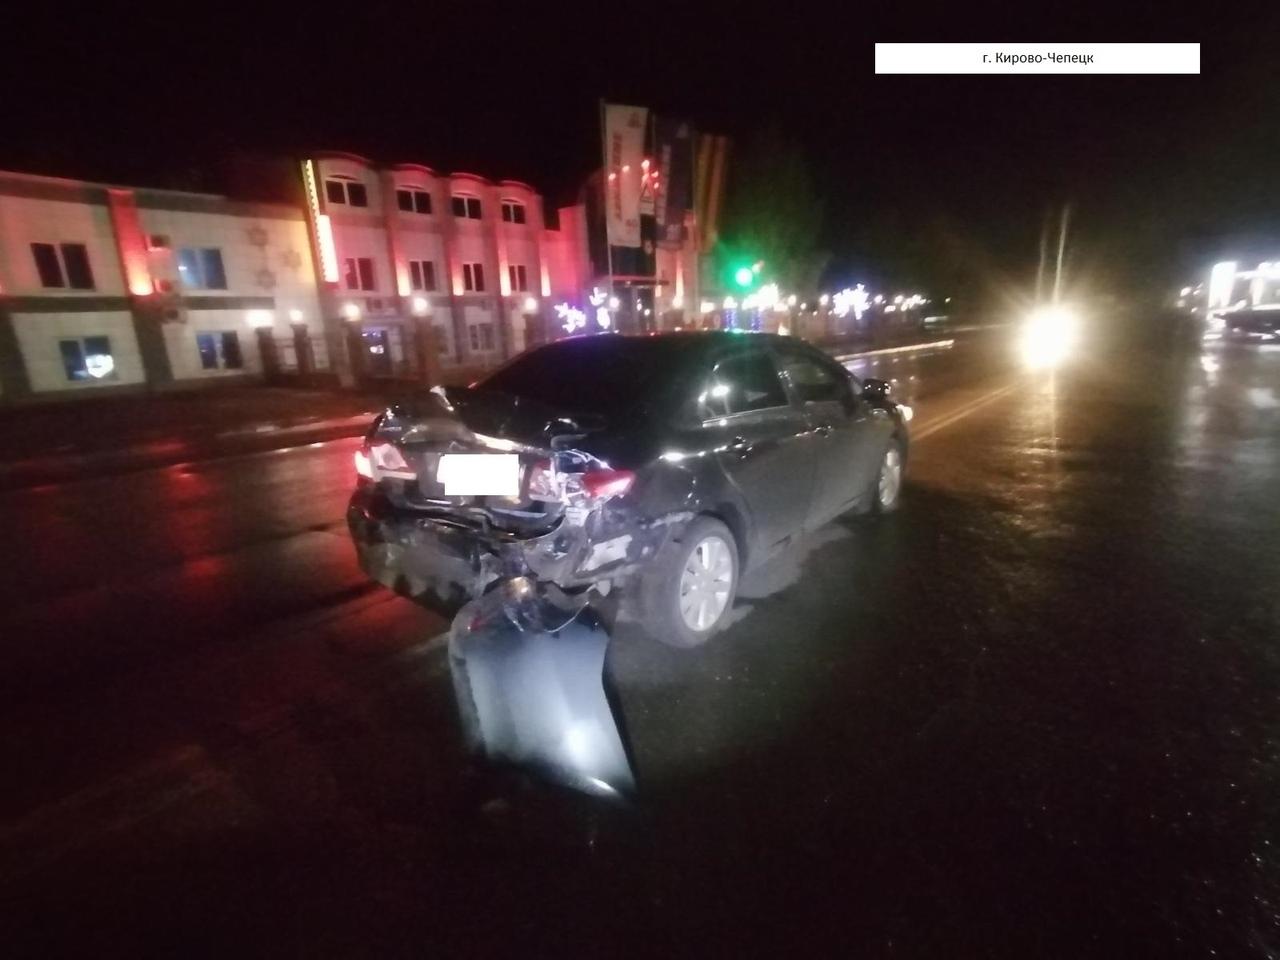 Ночью в Чепецке автомобиль Isuzu протаранил Toyota: есть пострадавшие